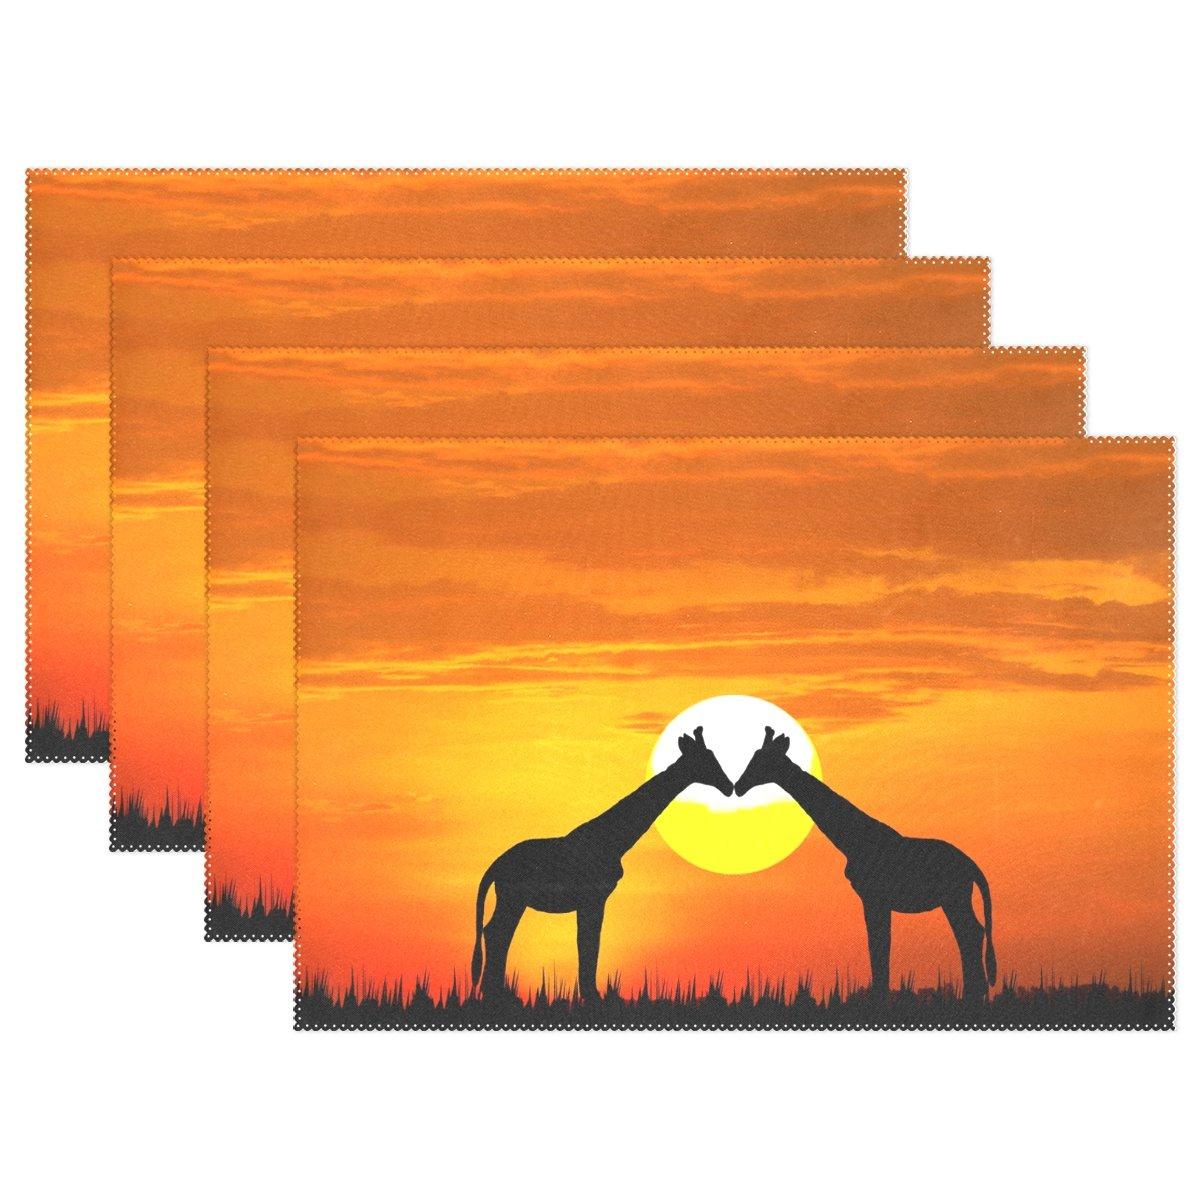 Wozo Romantic Kiss Giraffe Sunsetプレースマットテーブルマット12